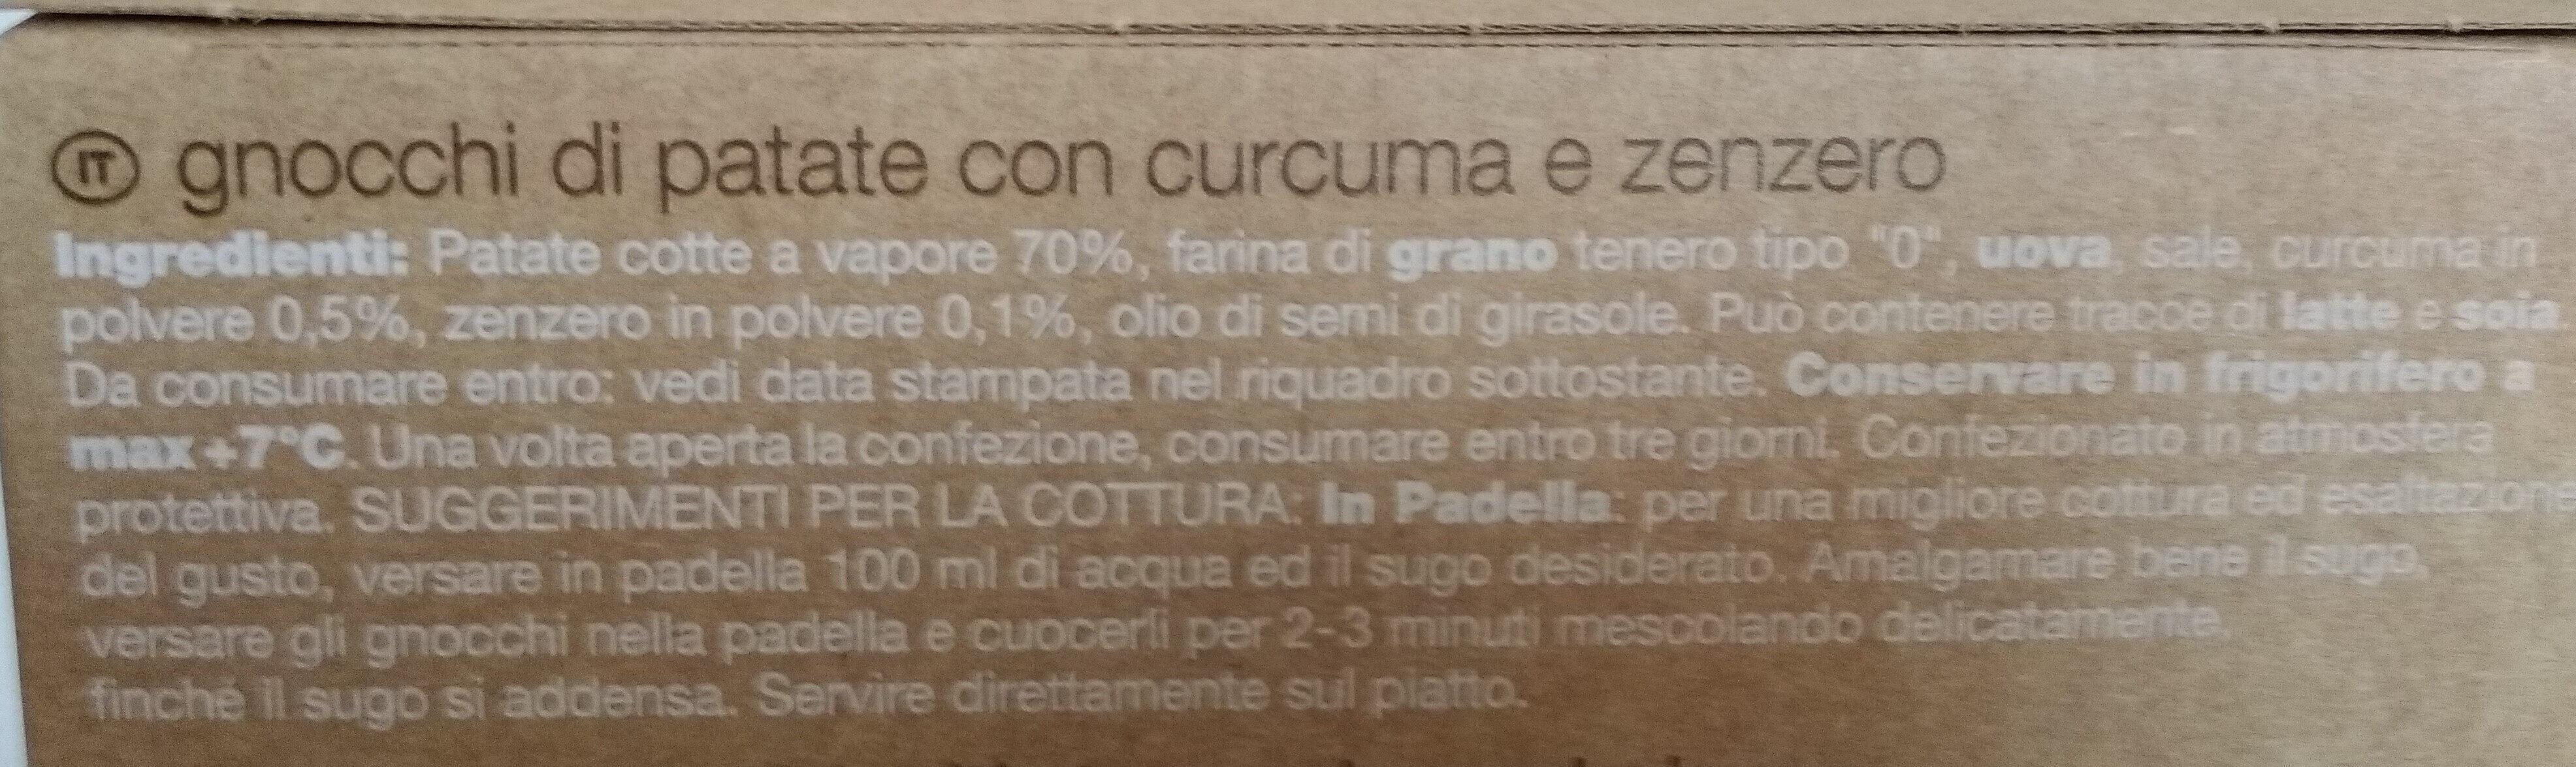 Gnocchi con curcuma e zenzero - Ingredients